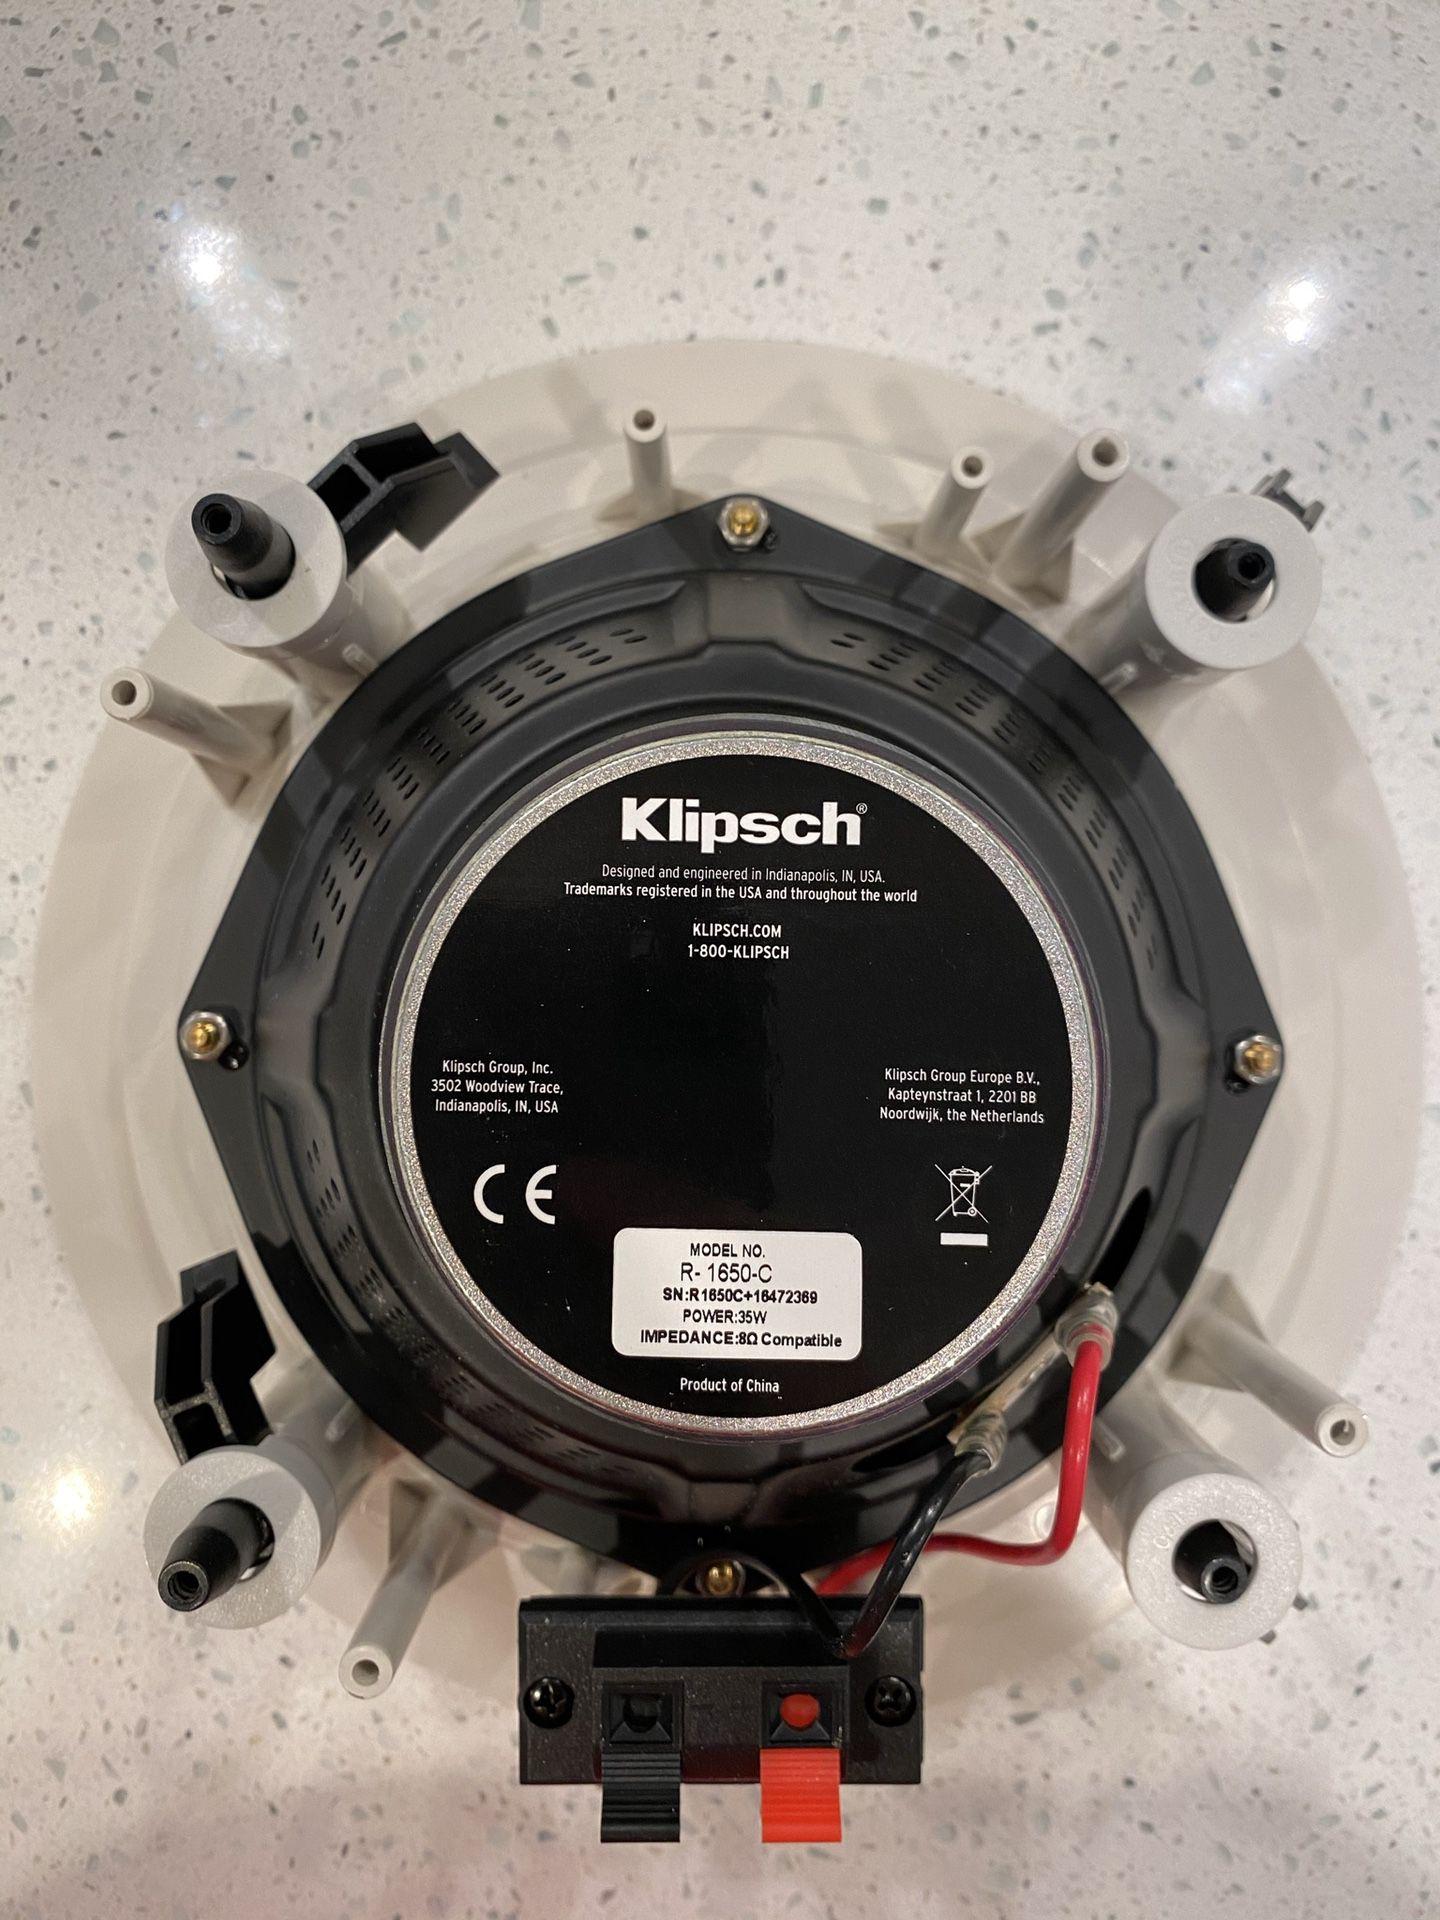 Klipsch R-1650-C In-Ceiling Speakers (1 Pair)